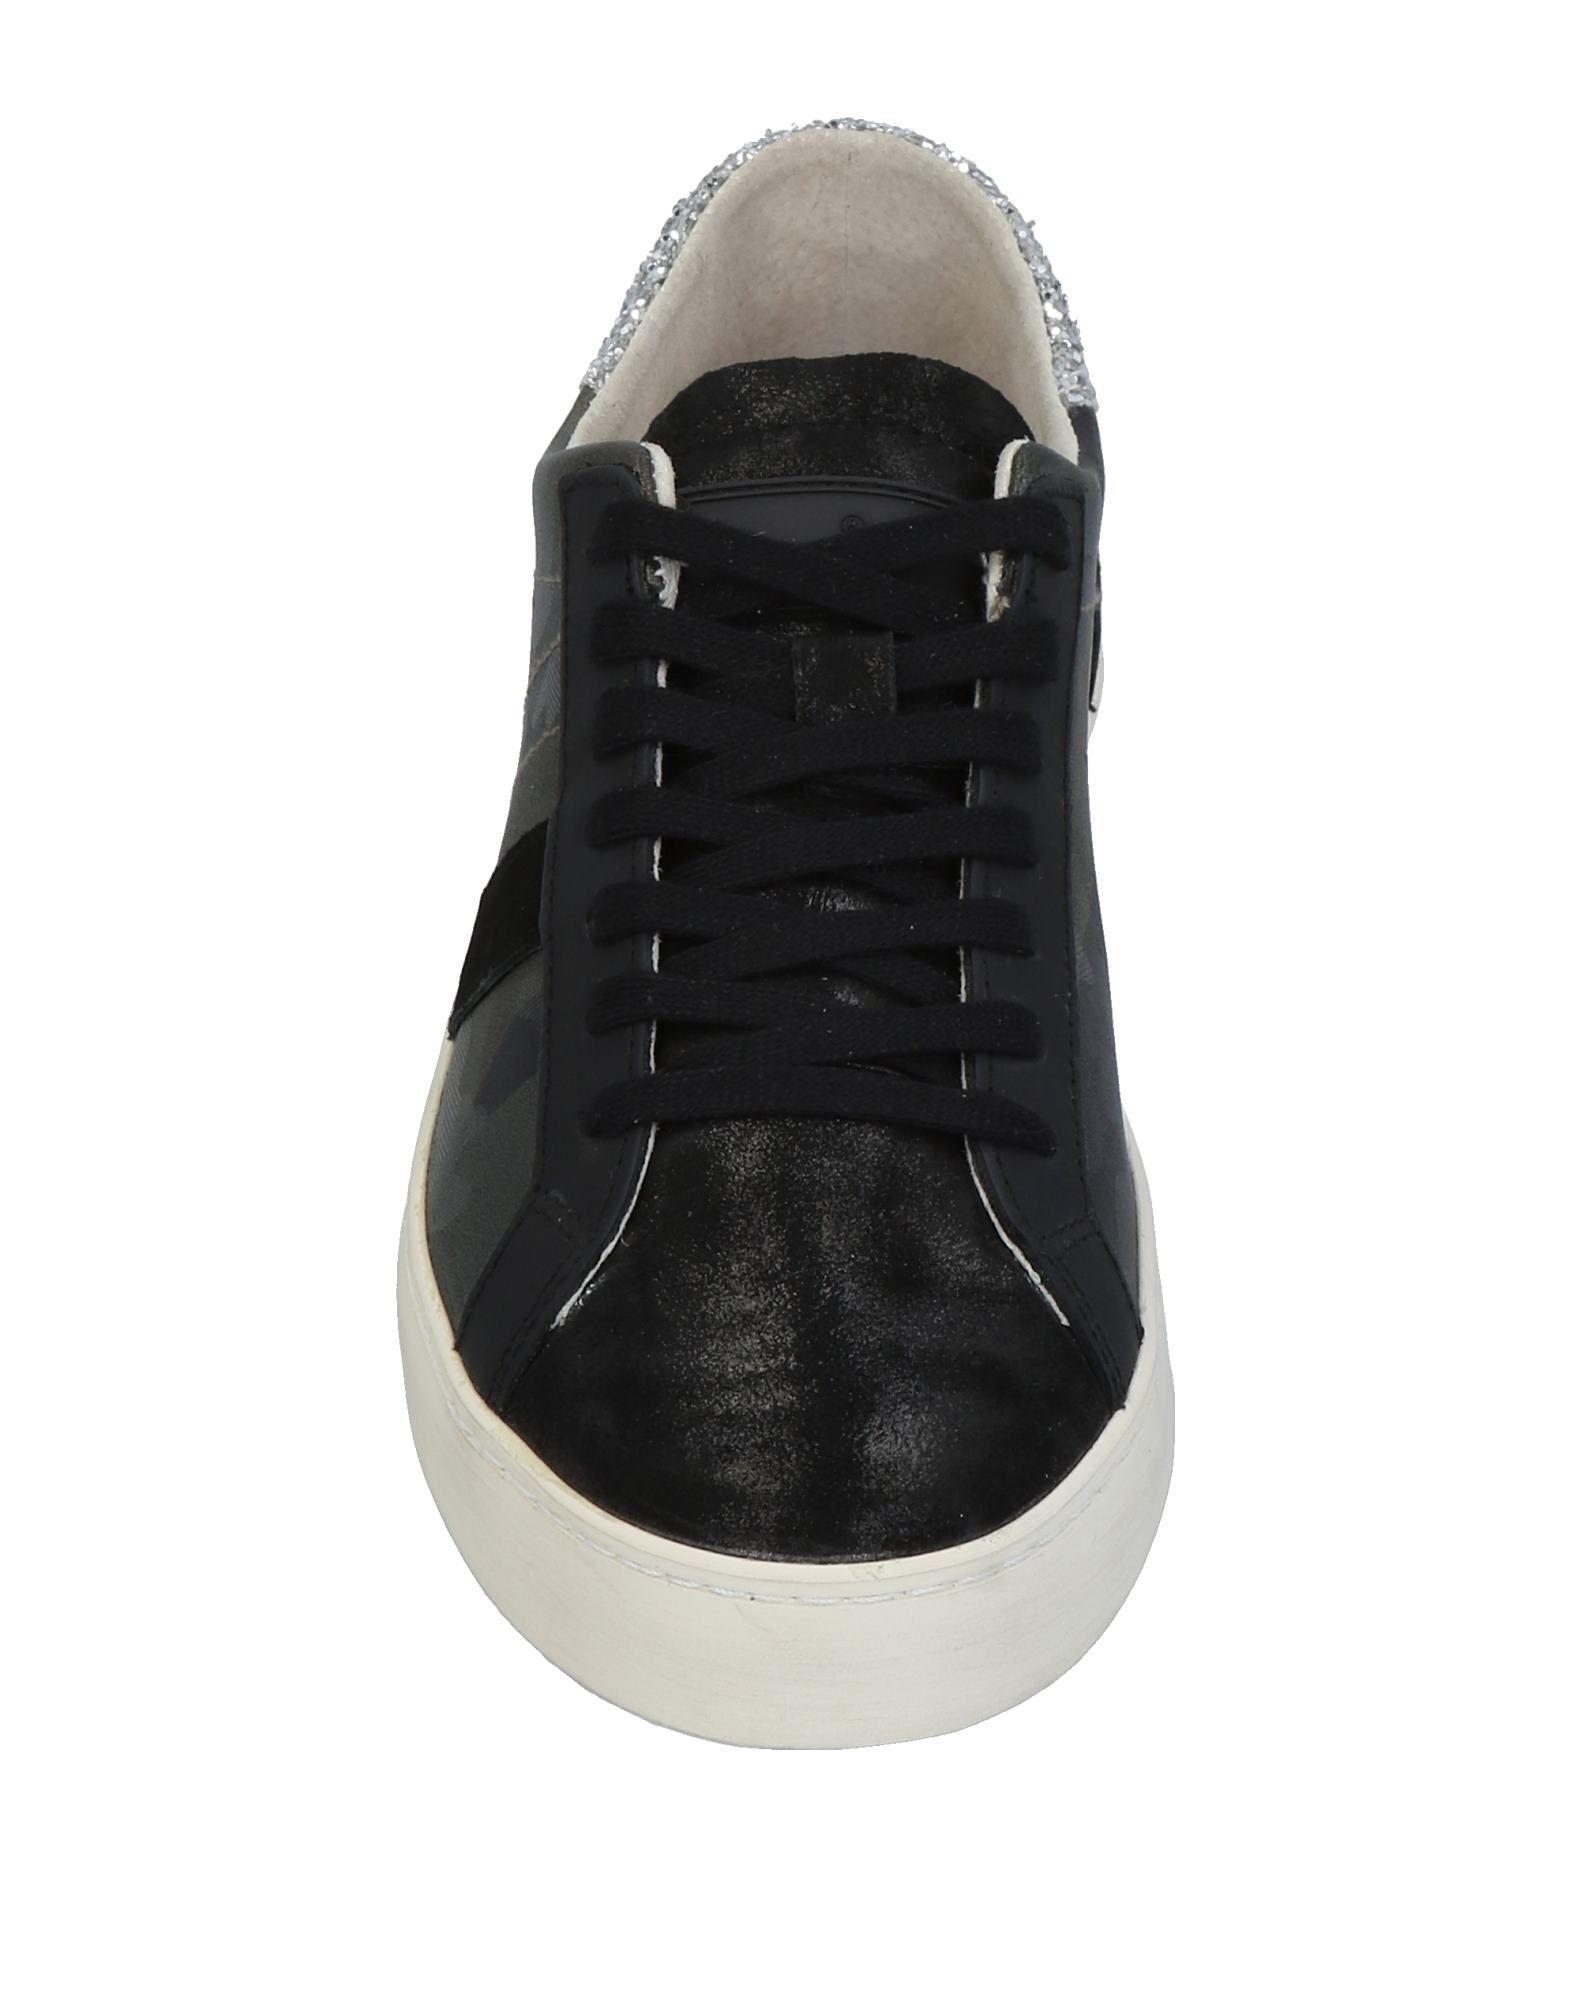 D.A.T.E. Gute Sneakers Damen  11463467RG Gute D.A.T.E. Qualität beliebte Schuhe c68e78